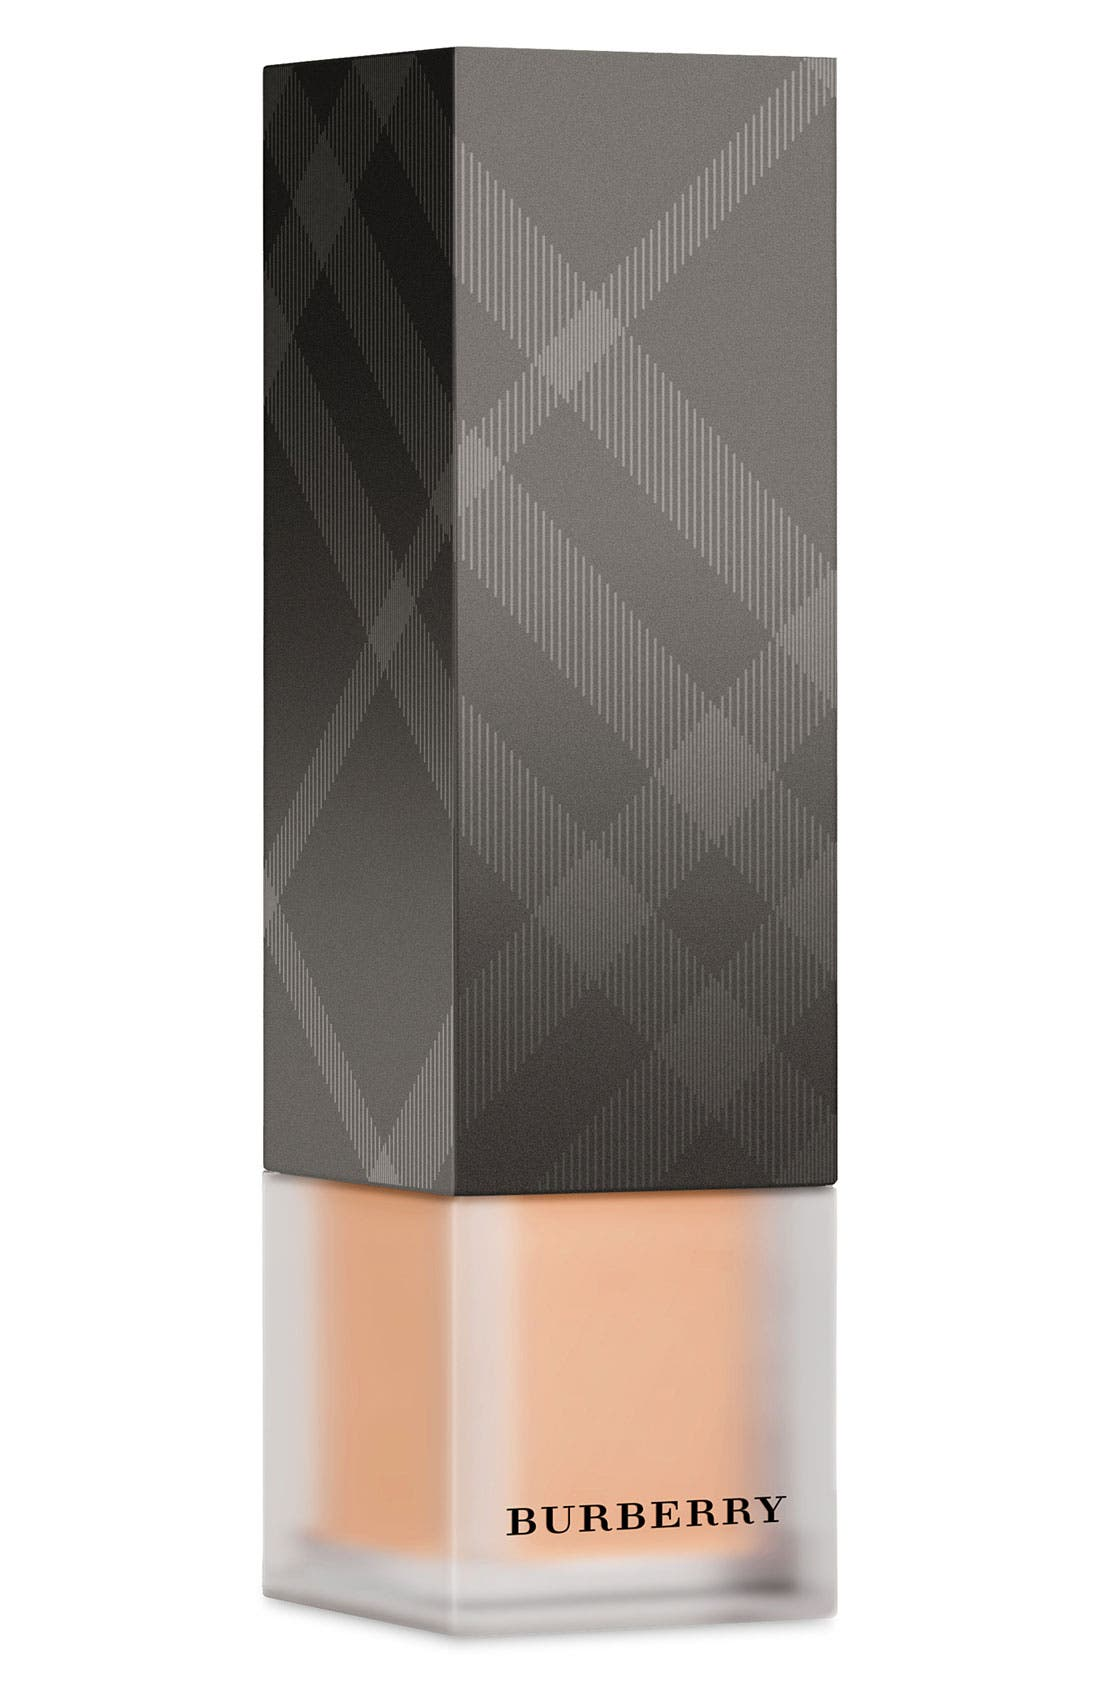 BURBERRY BEAUTY 'Velvet Foundation' Long Wear Fluid Foundation, Main, color, 250